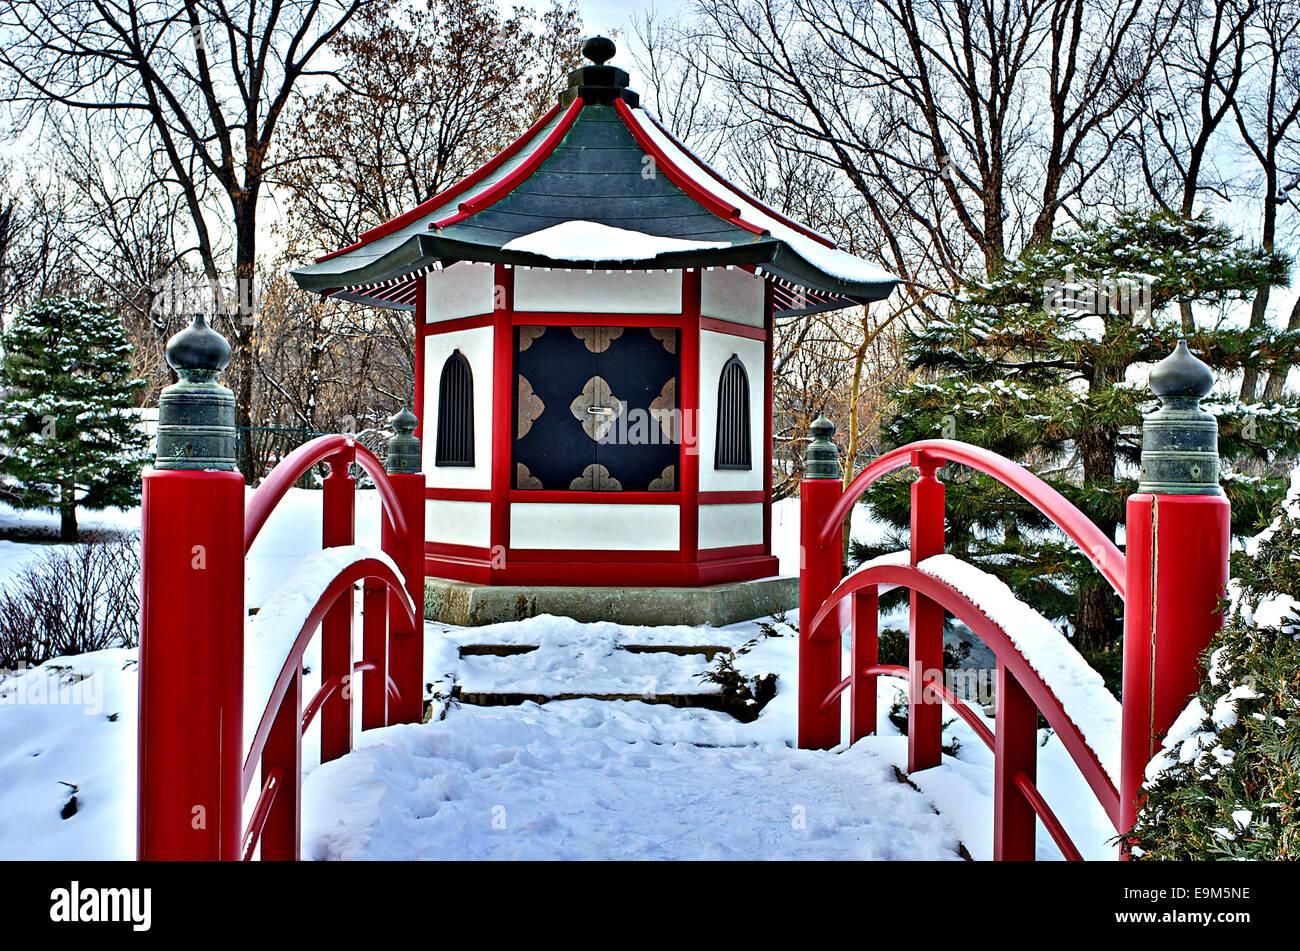 Shrine in Japanese Garden - Stock Image